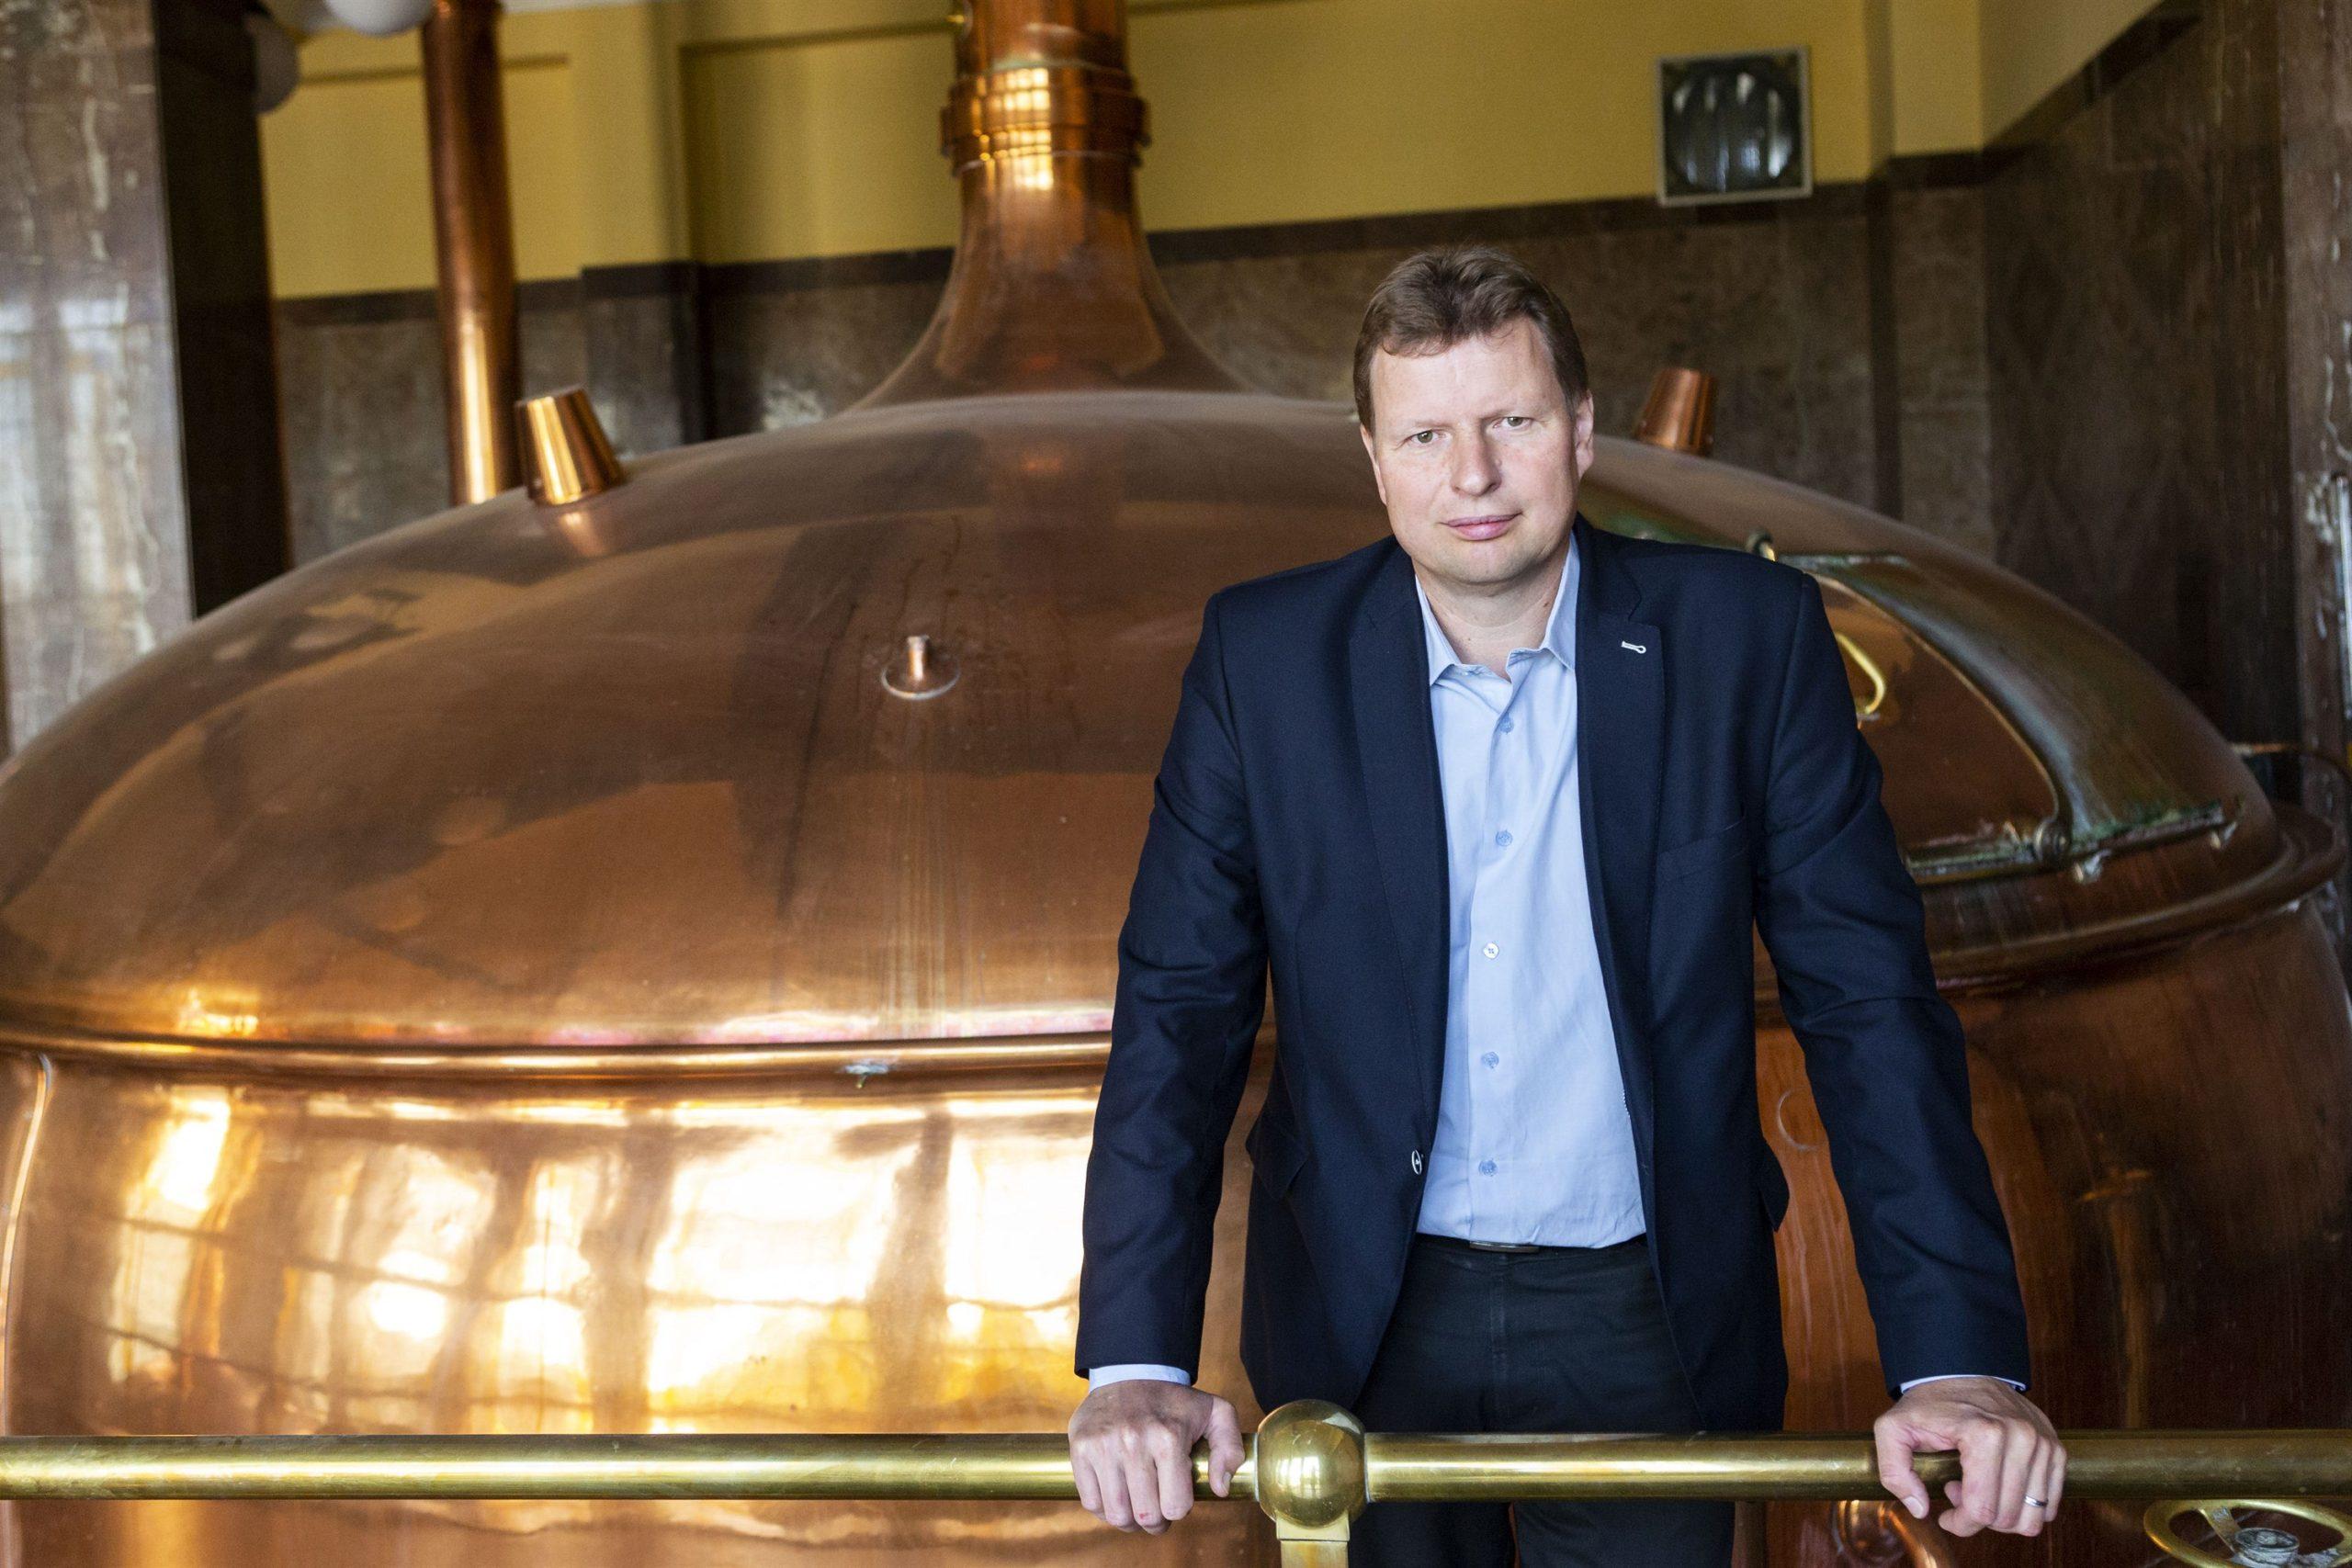 Nic podobného letošku litovelský pivovar za 126 let nezažil, říká ředitel